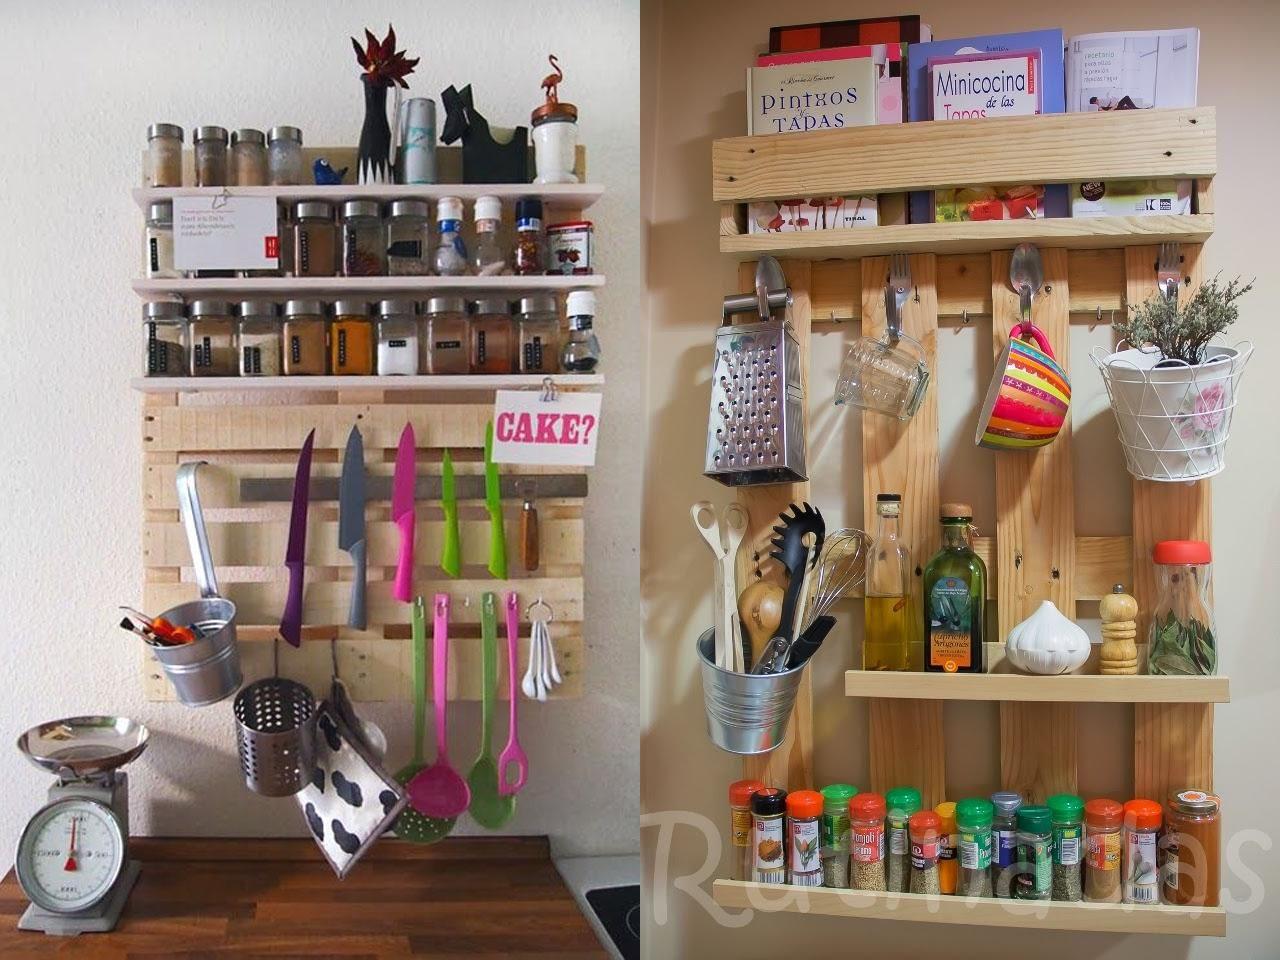 50 ideas para hacer muebles con palets - Estanterias con palets ...